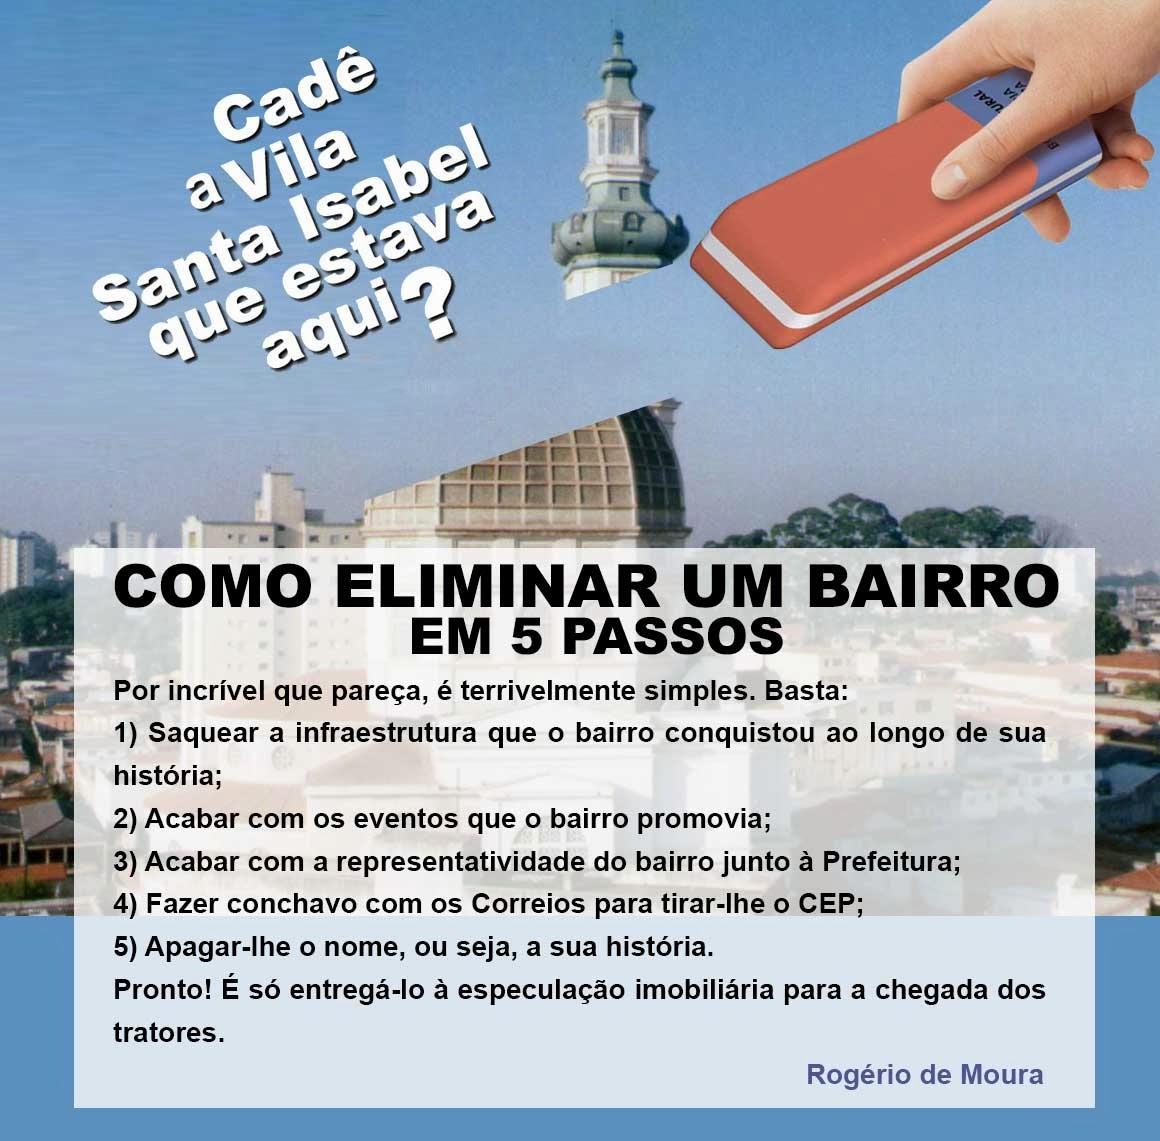 Vila Santa Isabel, Zona Leste de São Paulo, Vila Formosa, Vila Carrão, história de são paulo, bairros históricos de são paulo